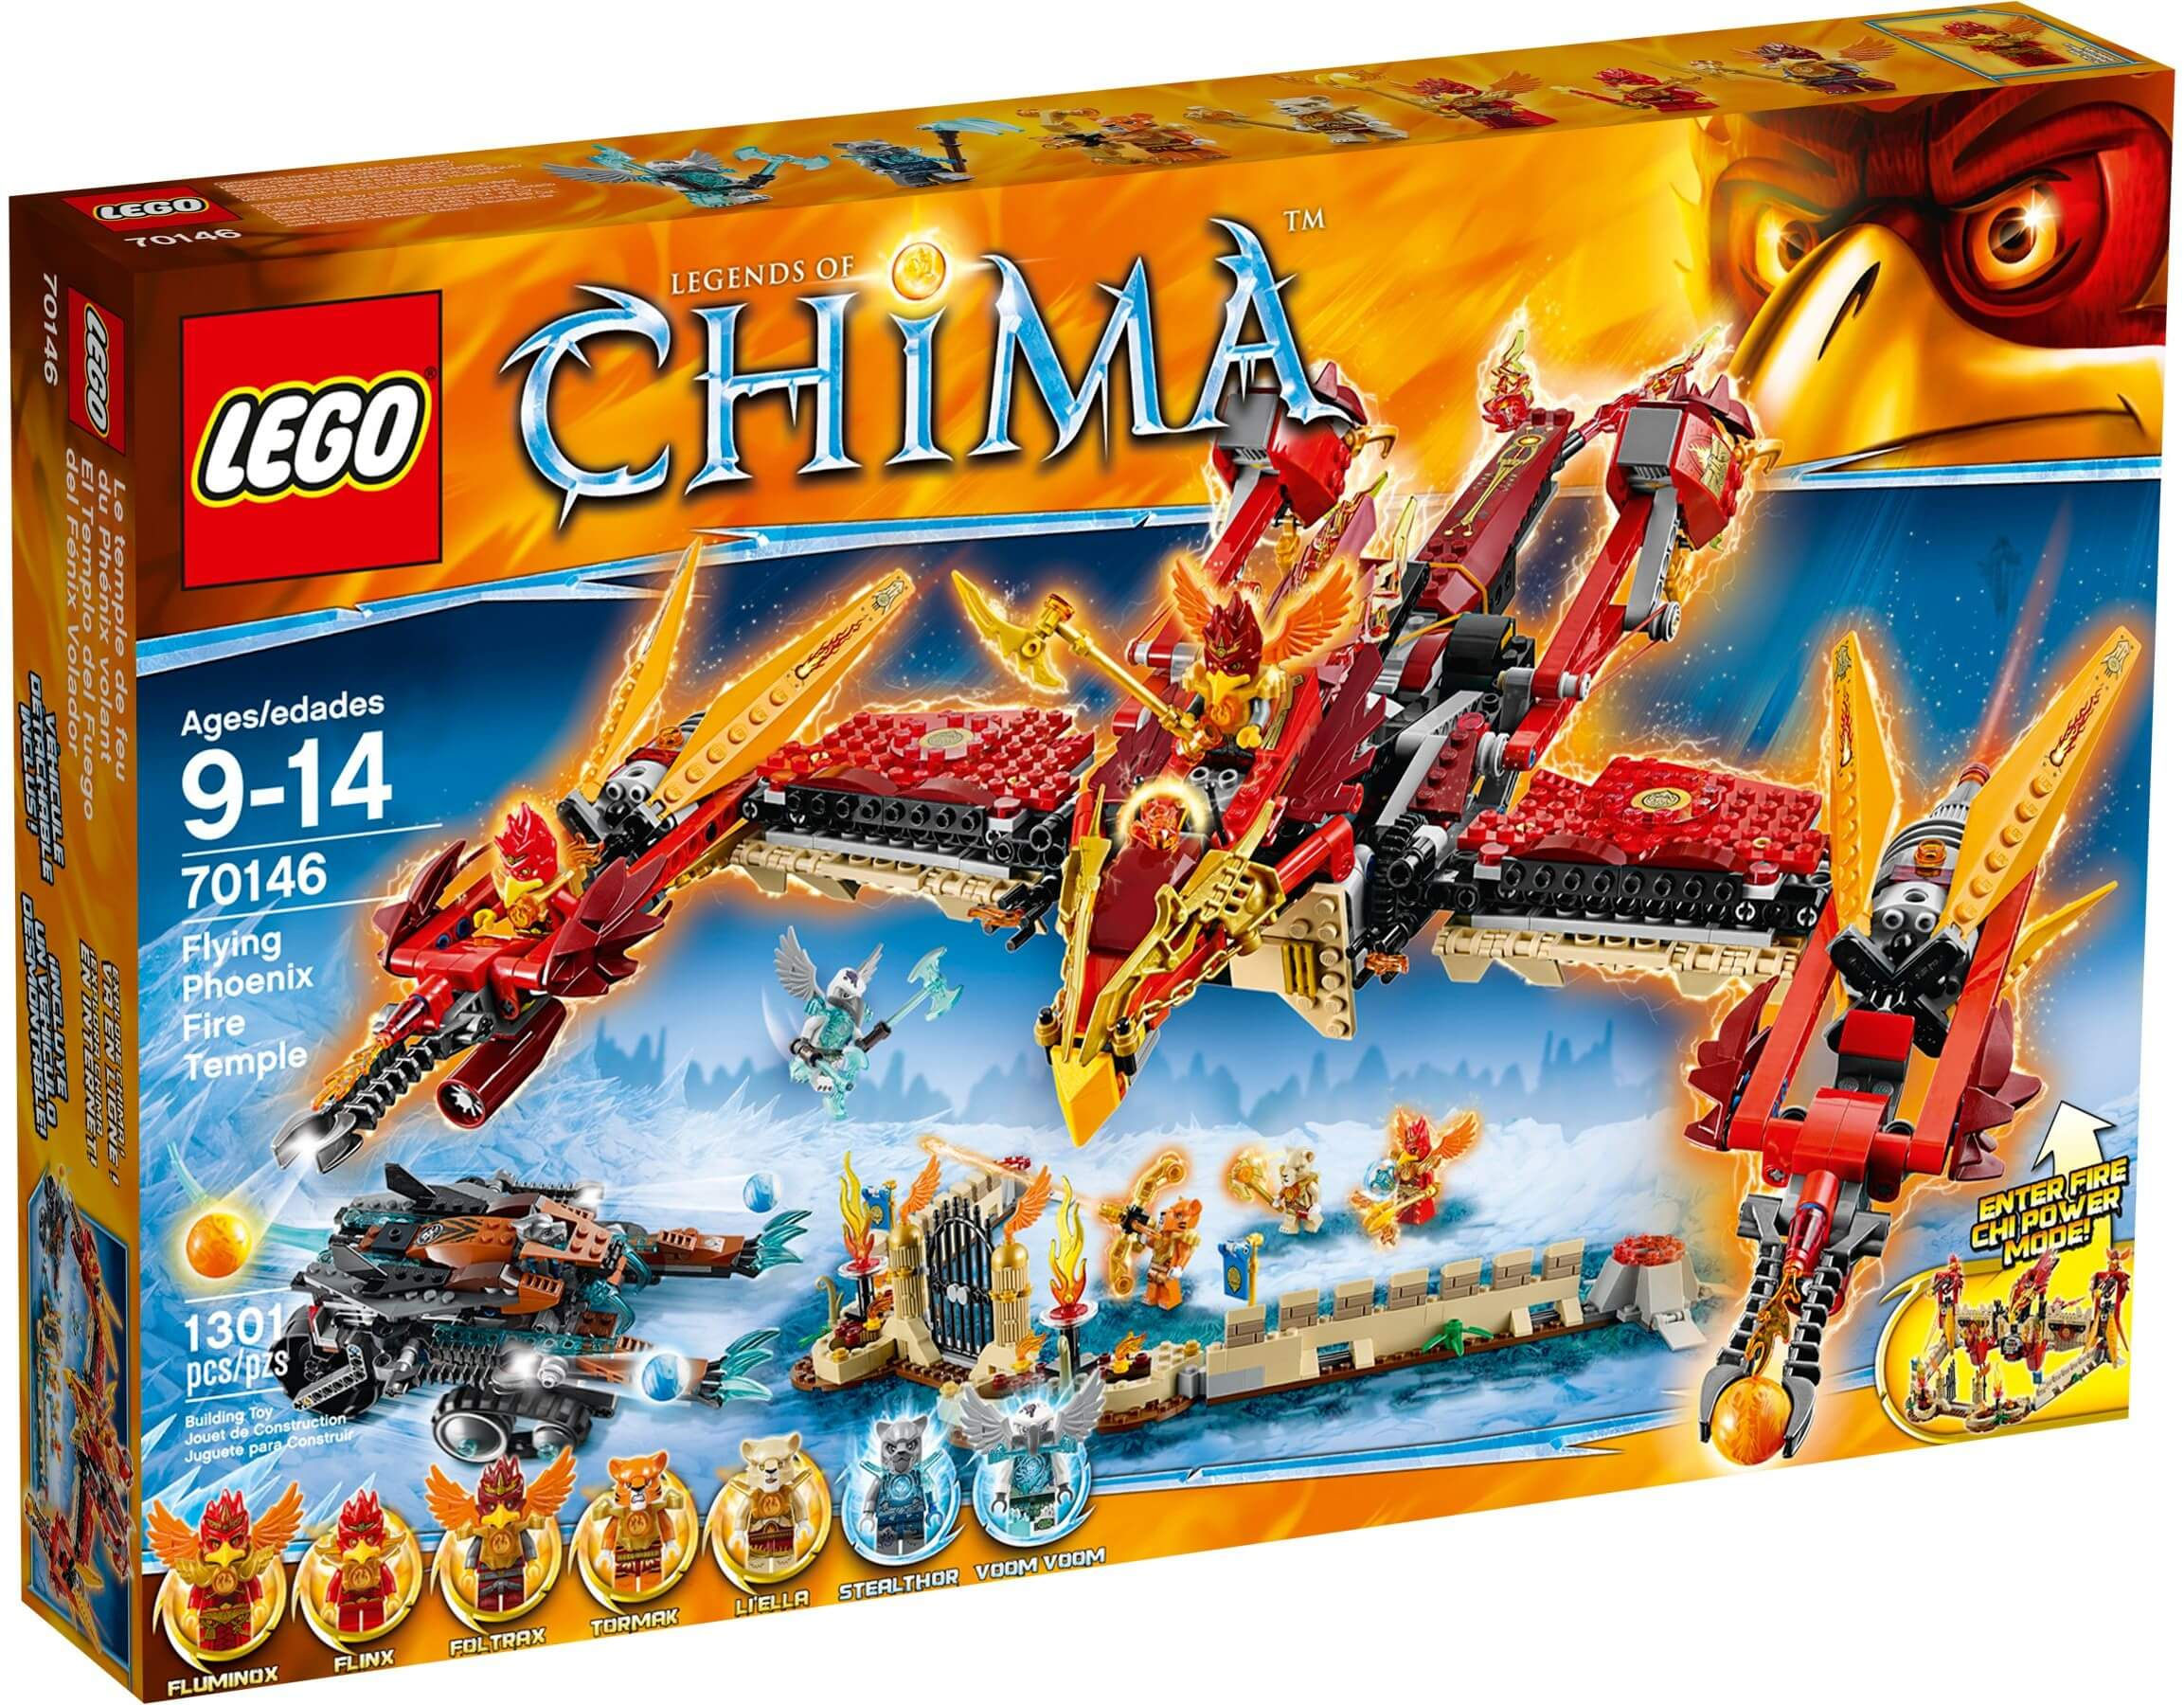 Mua đồ chơi LEGO 70146 - LEGO Chima 70146 - Ngôi đền Phượng Hoàng Lửa (LEGO Chima Flying Phoenix Flying Temple 70146)